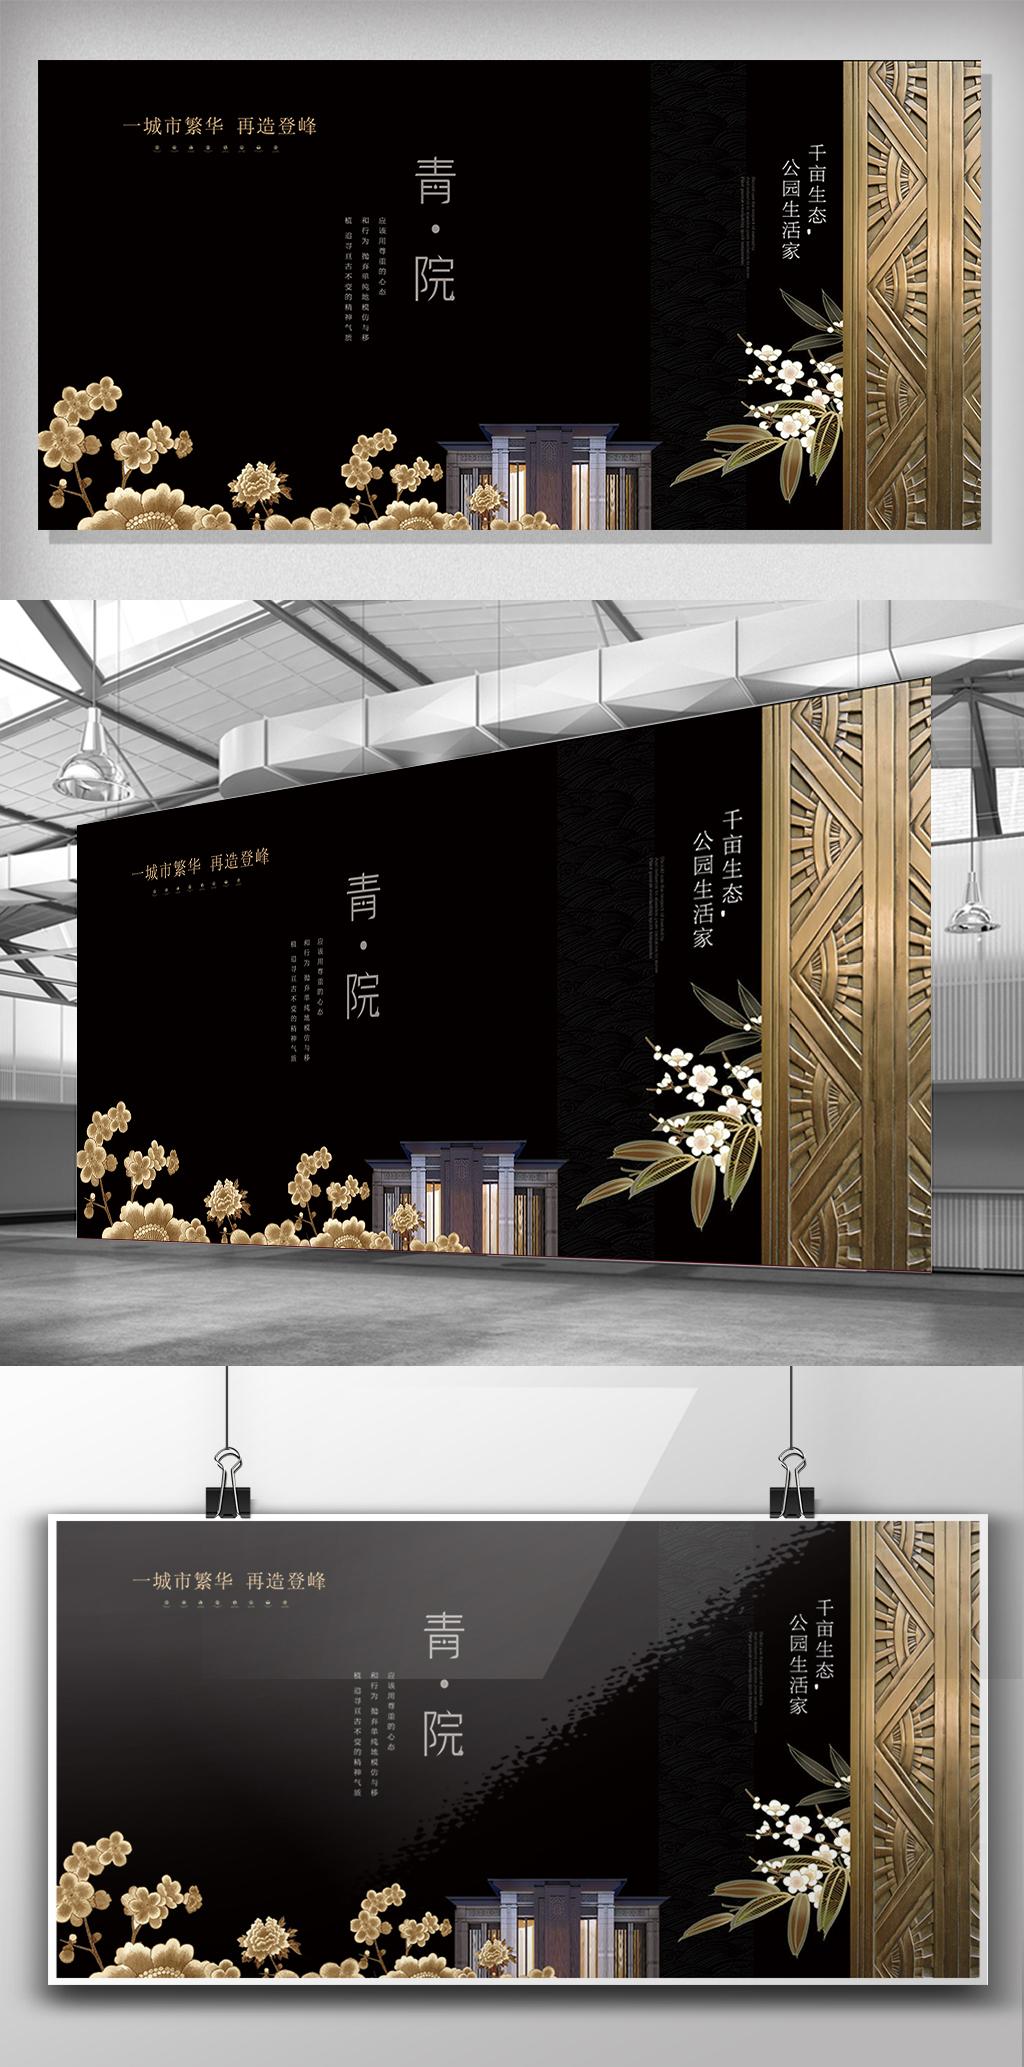 新中式创意风格房地产展板模板